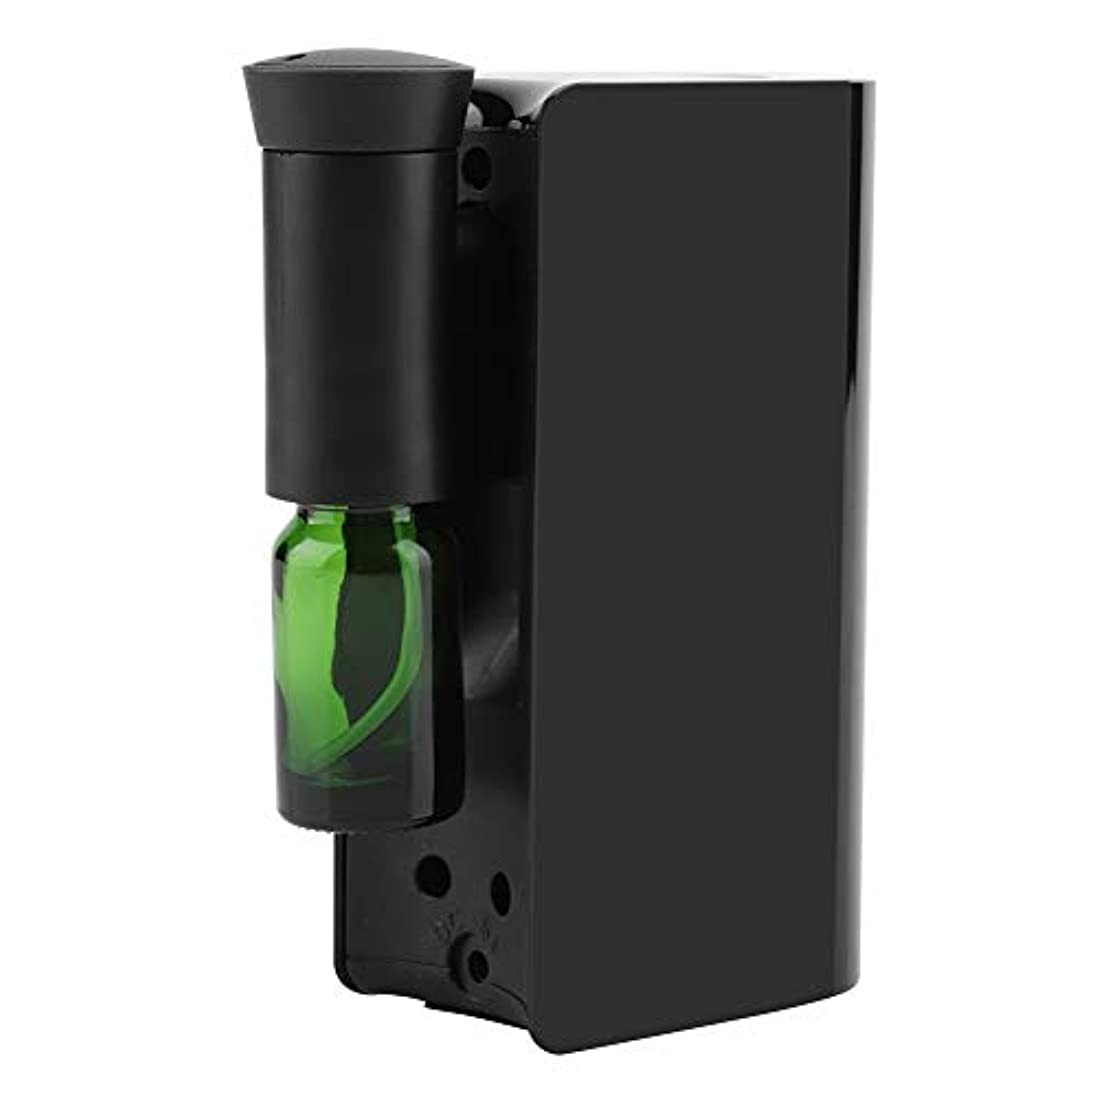 体隔離するダンスエッセンシャルオイルディフューザー、100ml USB充電式クールミスト加湿器アロマオイル加湿器気化器アロマディフューザー(ブラック)